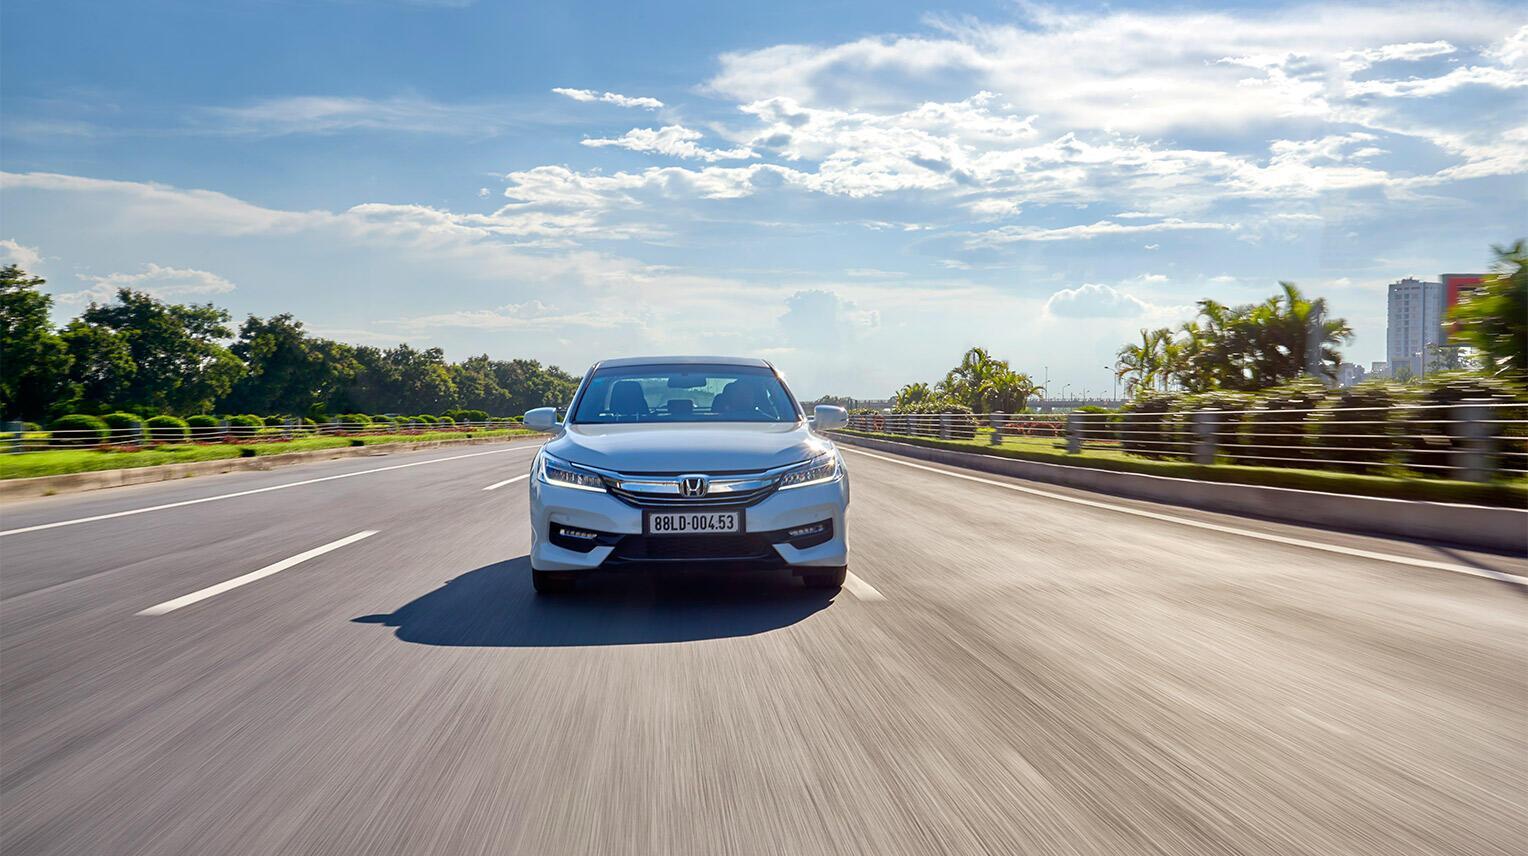 Đánh giá Honda Accord 2016: Ưa nhìn hơn, trang bị tốt hơn và lái phấn khích hơn - Hình 33